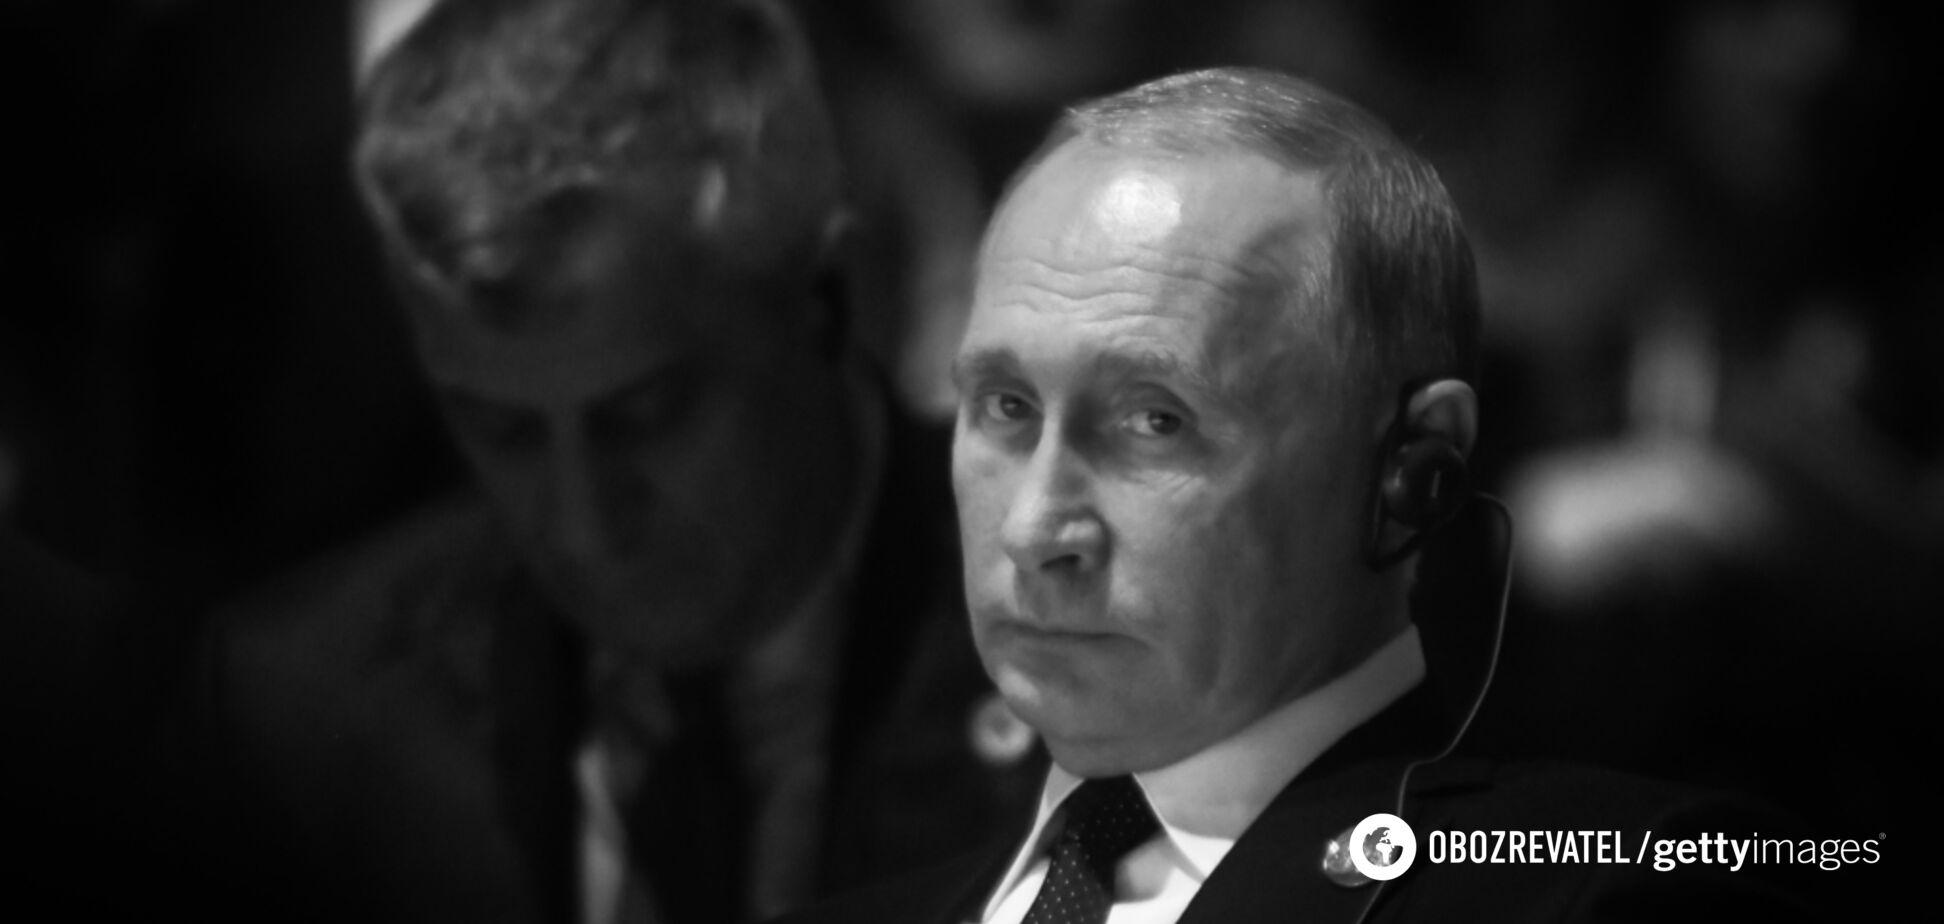 Путин уступить руль смертельно боится